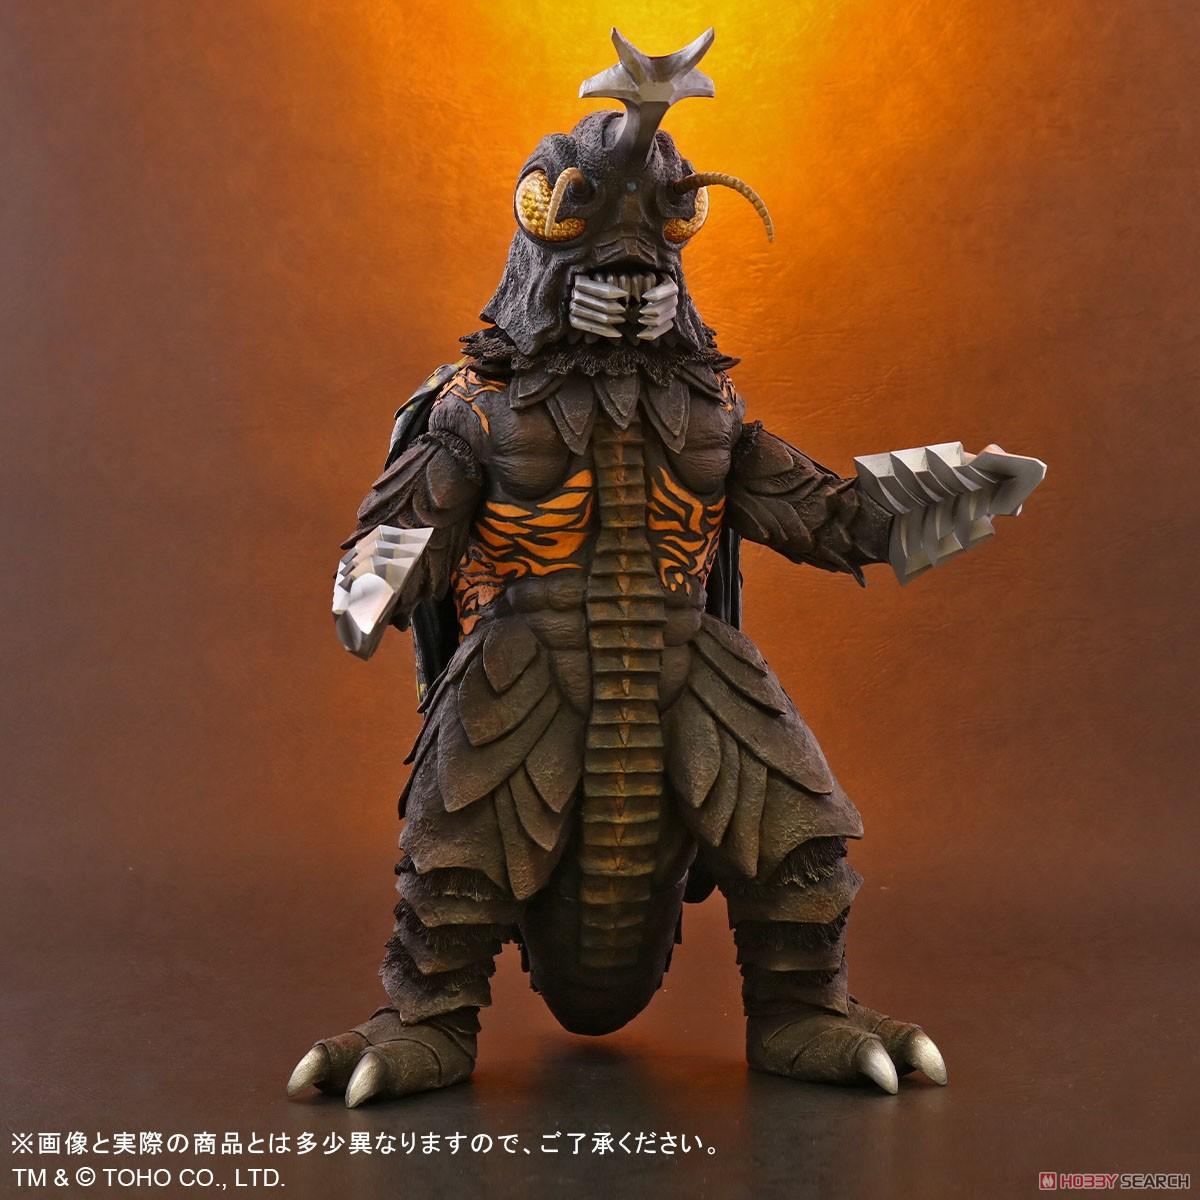 東宝30cmシリーズ『メガロ』ゴジラ対メガロ 完成品フィギュア-003